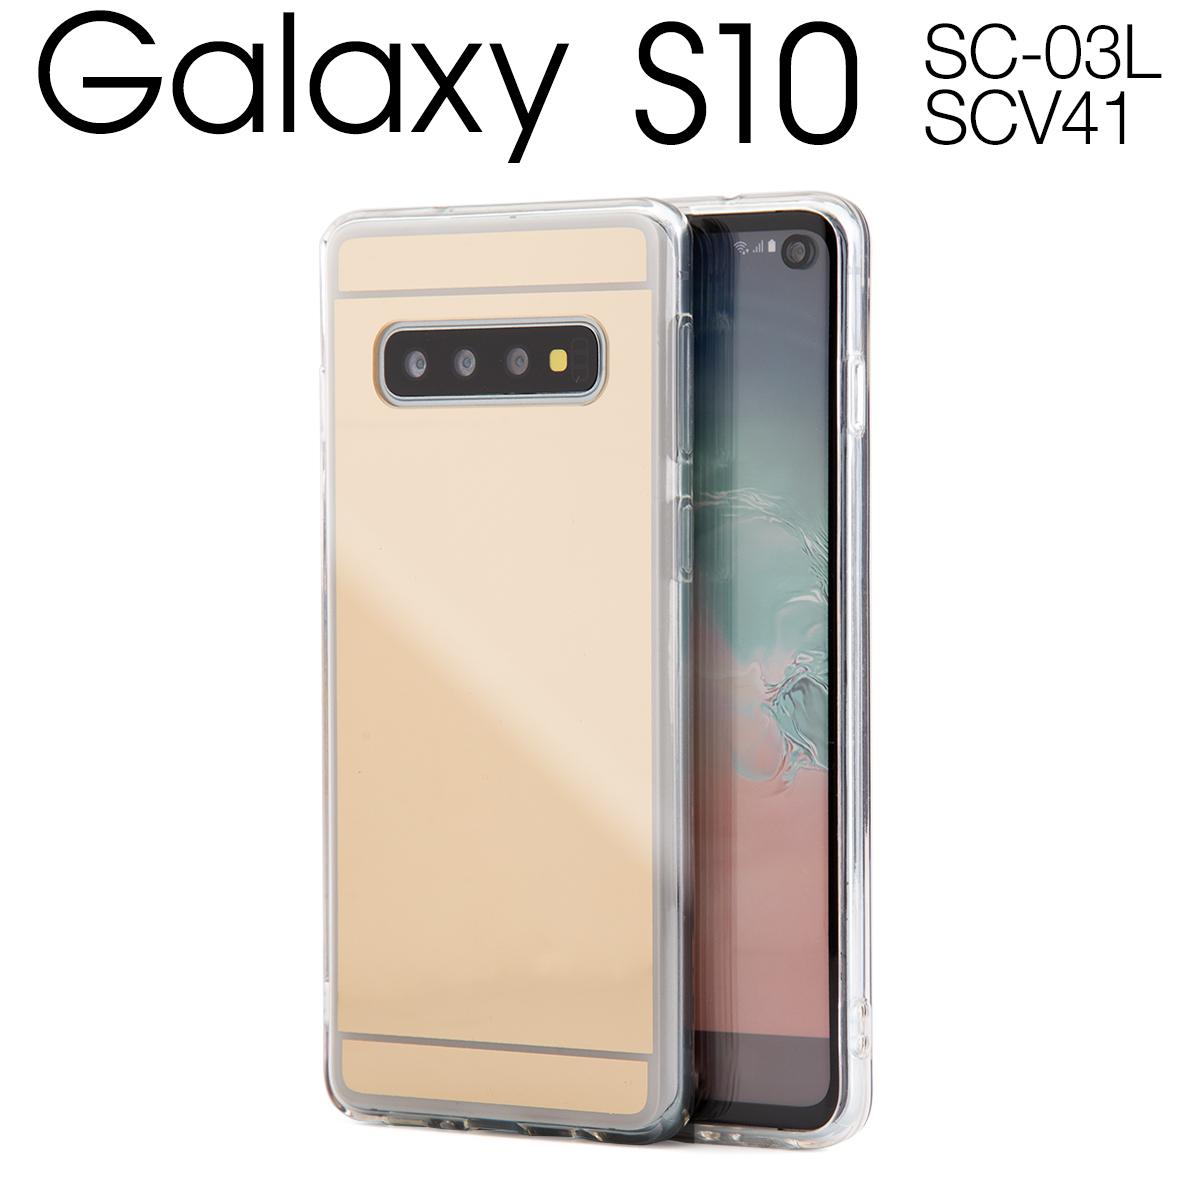 Galaxy S10 SC-03L SCV41 背面ミラー TPU ケース